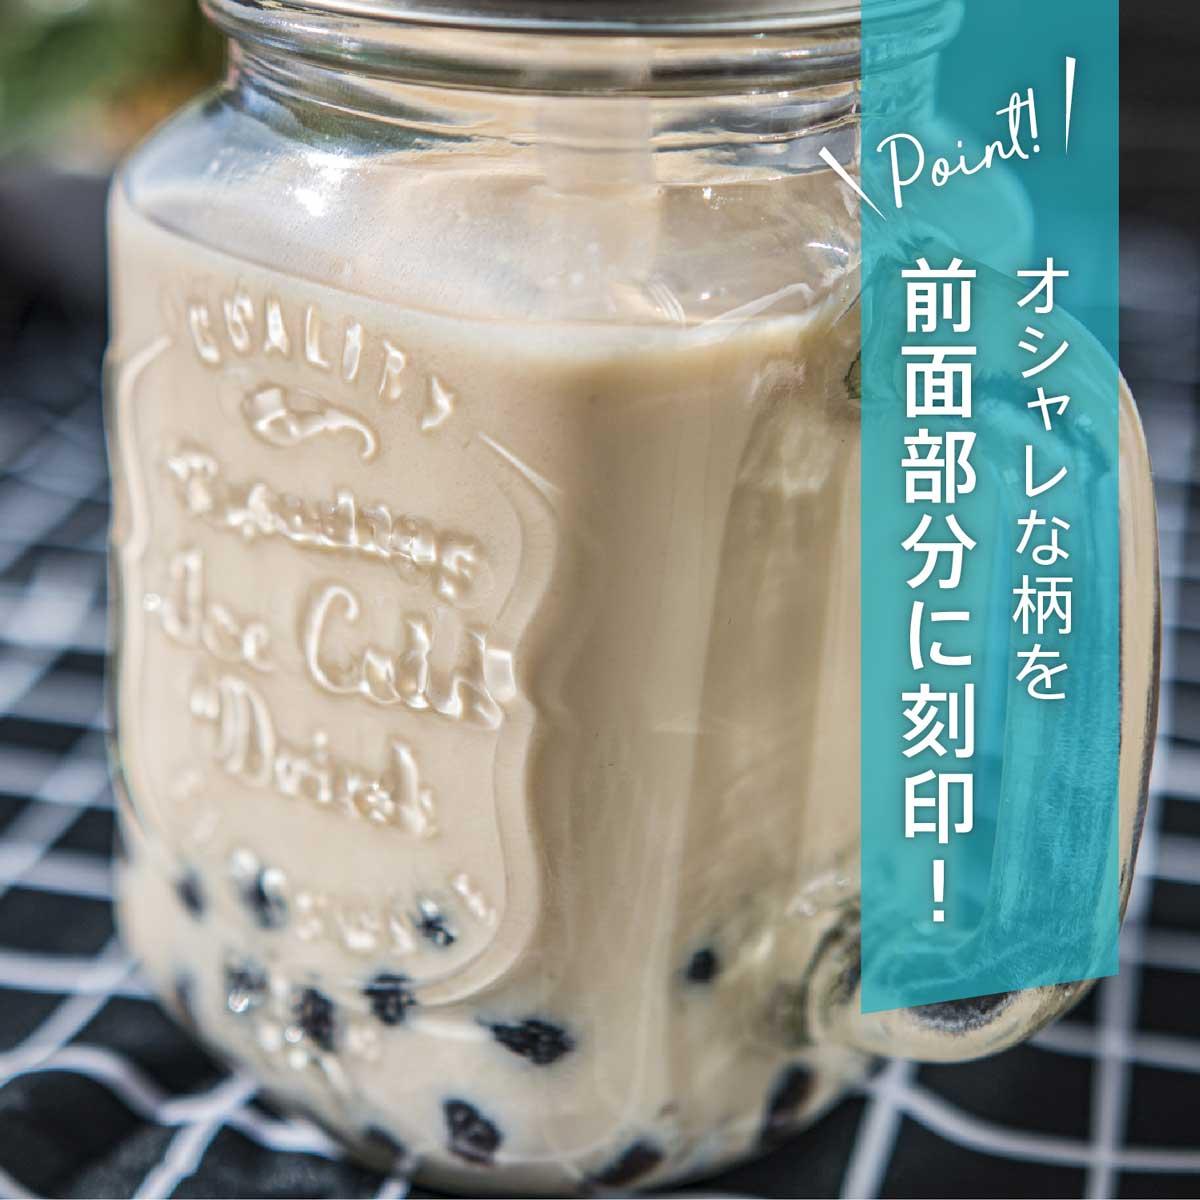 耐熱ソーダガラス製のタピオカ専用のドリンクボトルが新発売!5色のストロー付属で、おしゃれパーティに最適! tapioca_drink_bottle_glass_img_04